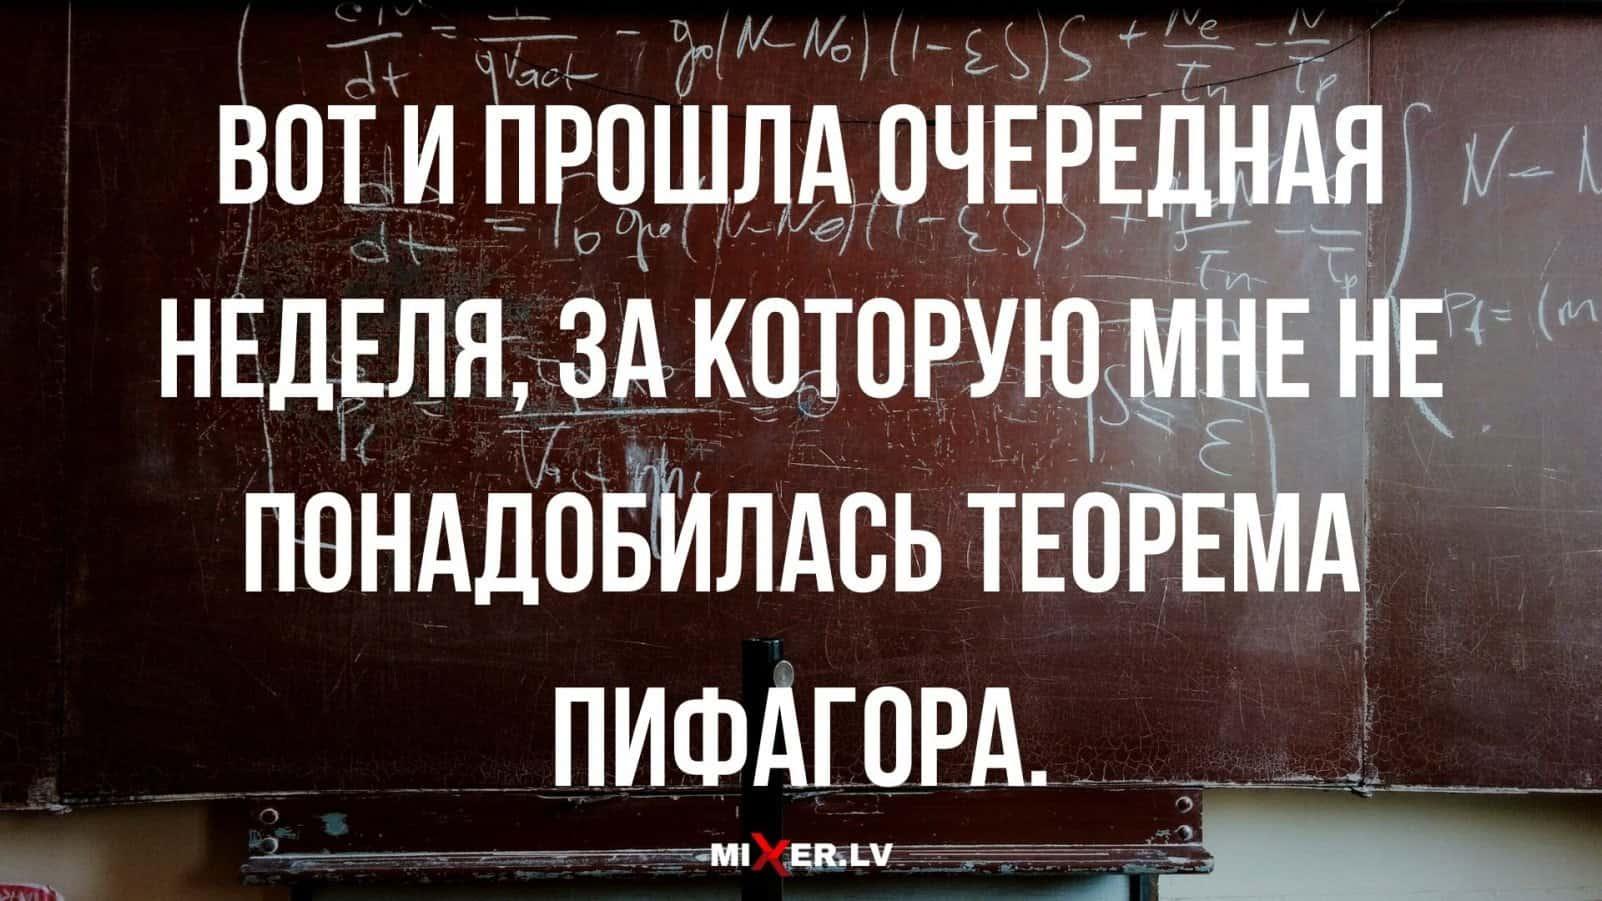 20 смешных анекдотов и шуток юмора и про теорему Пифагора